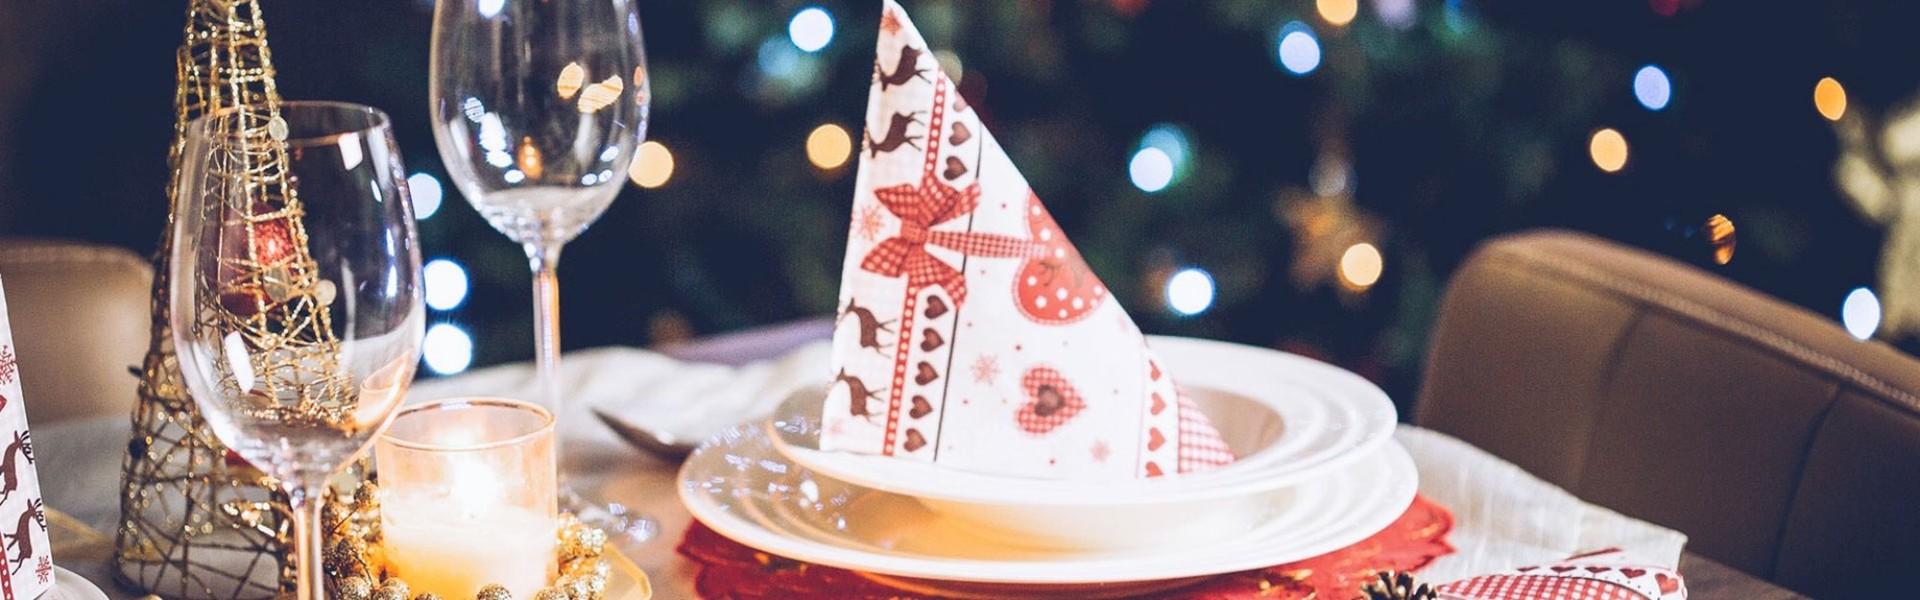 10 dicas simples para um fim de ano mais saudável